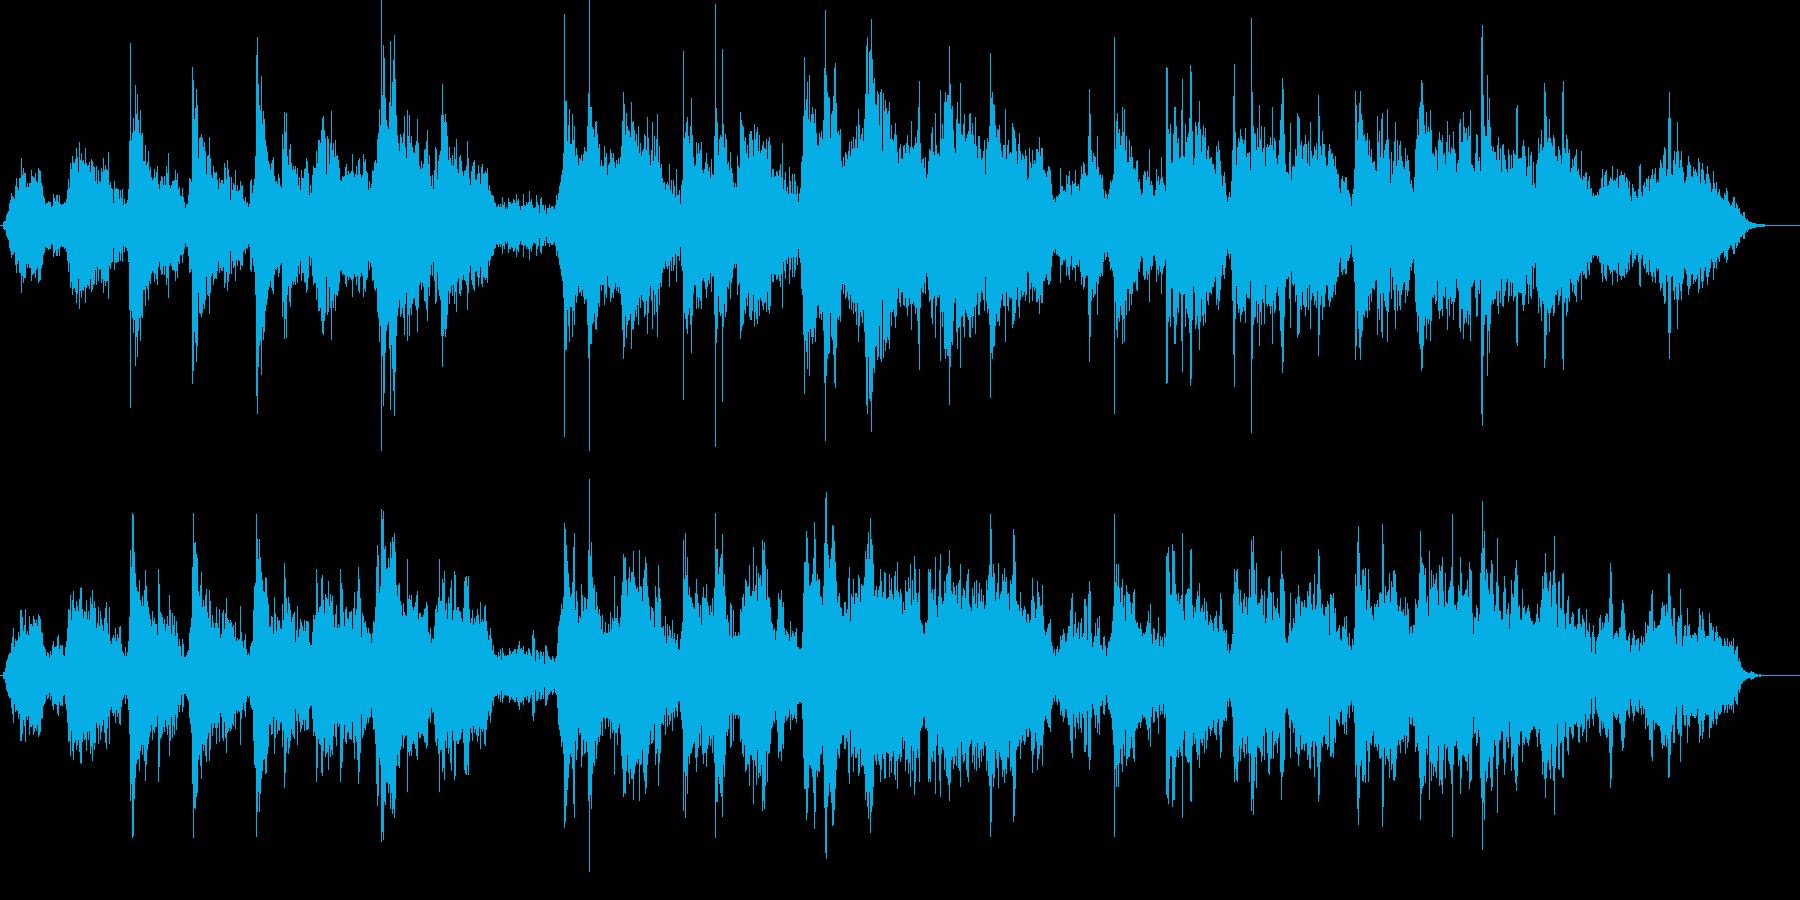 とても神秘的なメロディの再生済みの波形